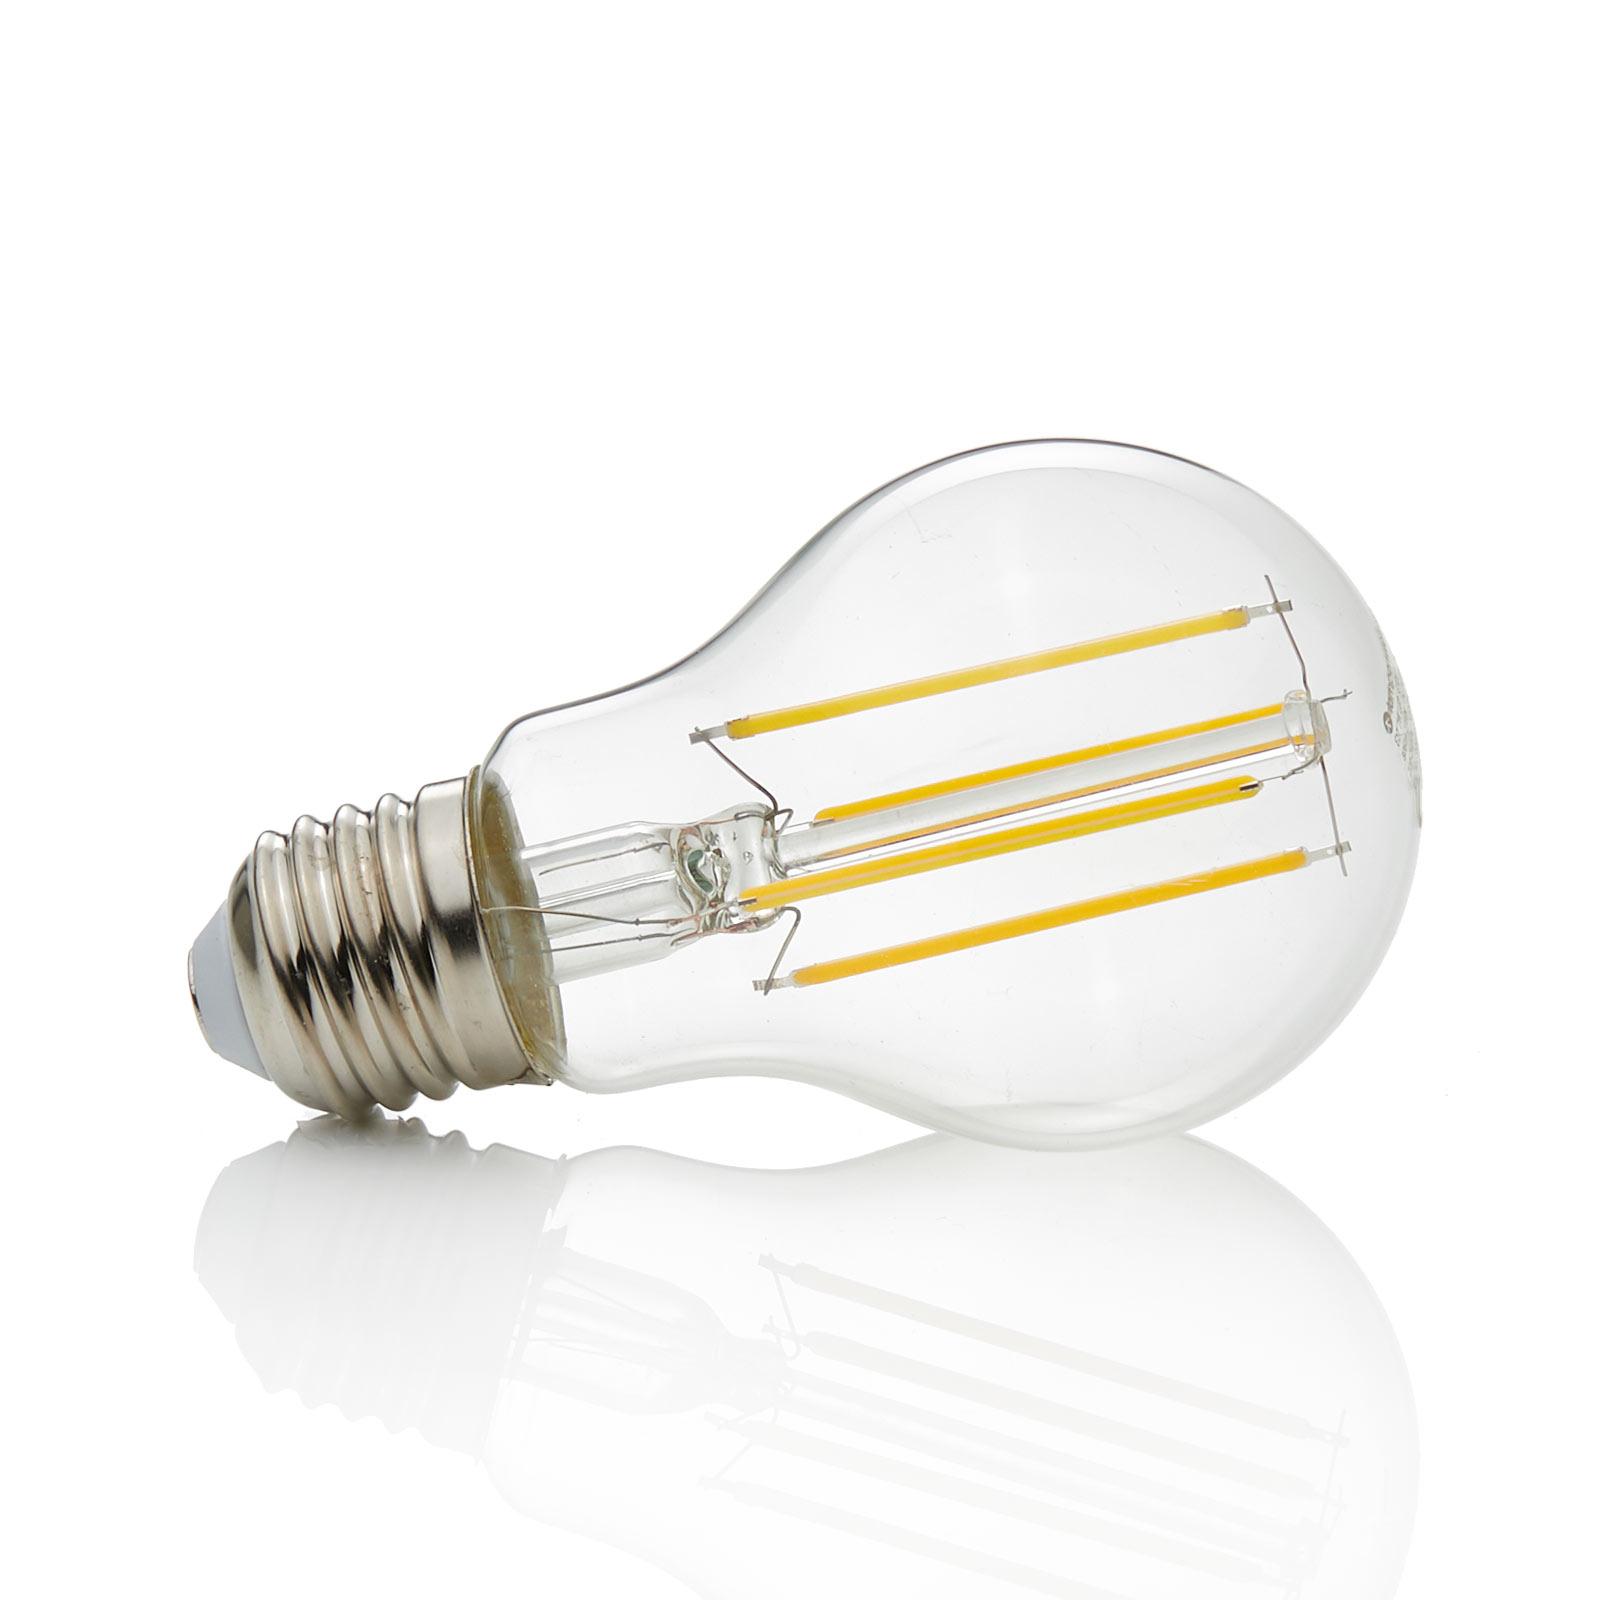 e27-bombilla-led-filamento-7w-806lm-2700k-tran